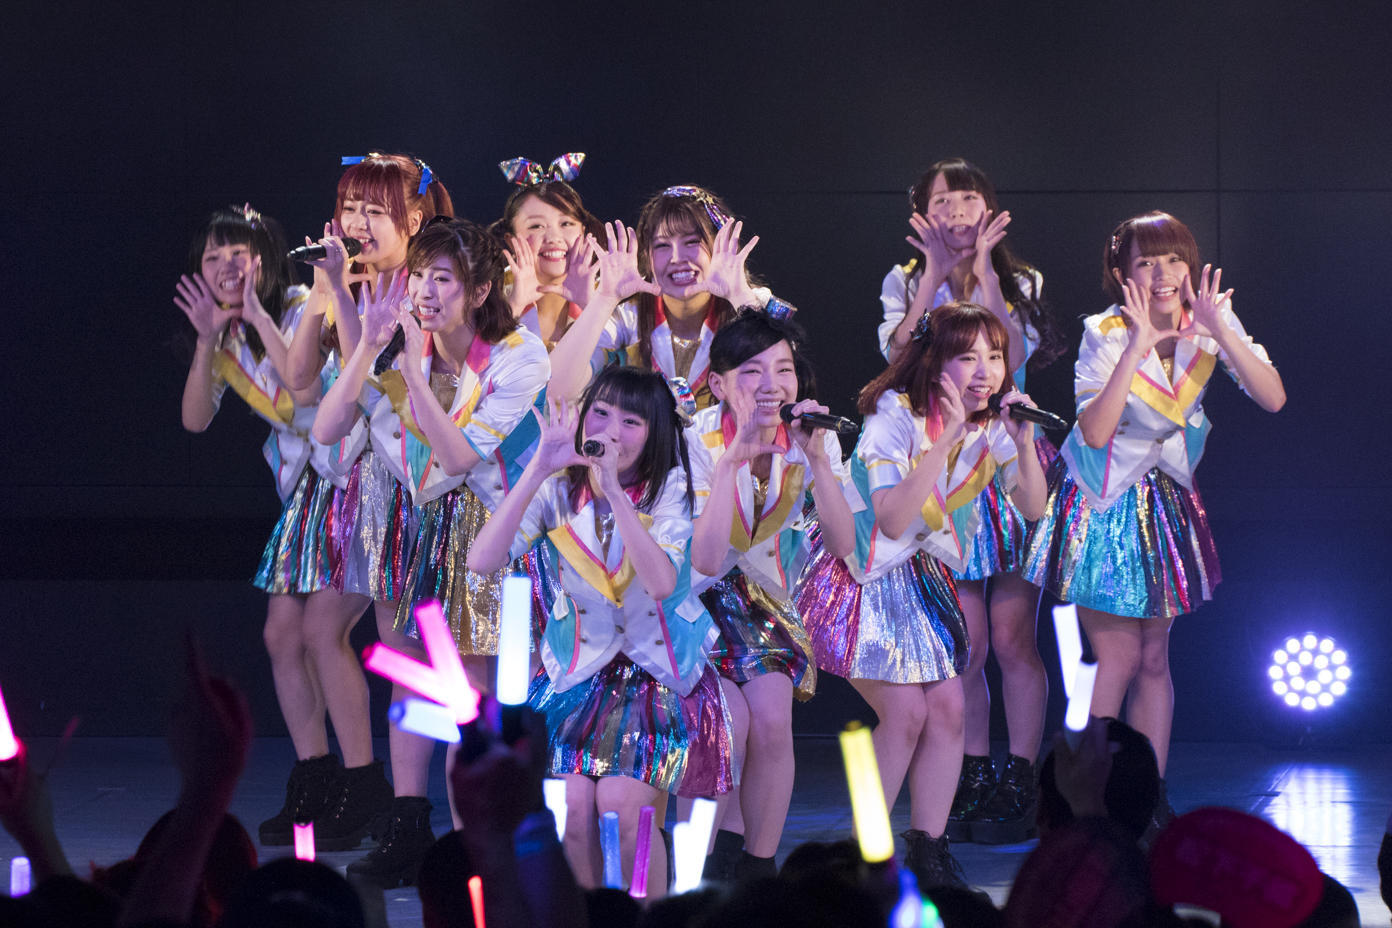 http://news.yoshimoto.co.jp/20161228141216-2b409cbfc020619541acdbcc3036b48d865b91b5.jpg